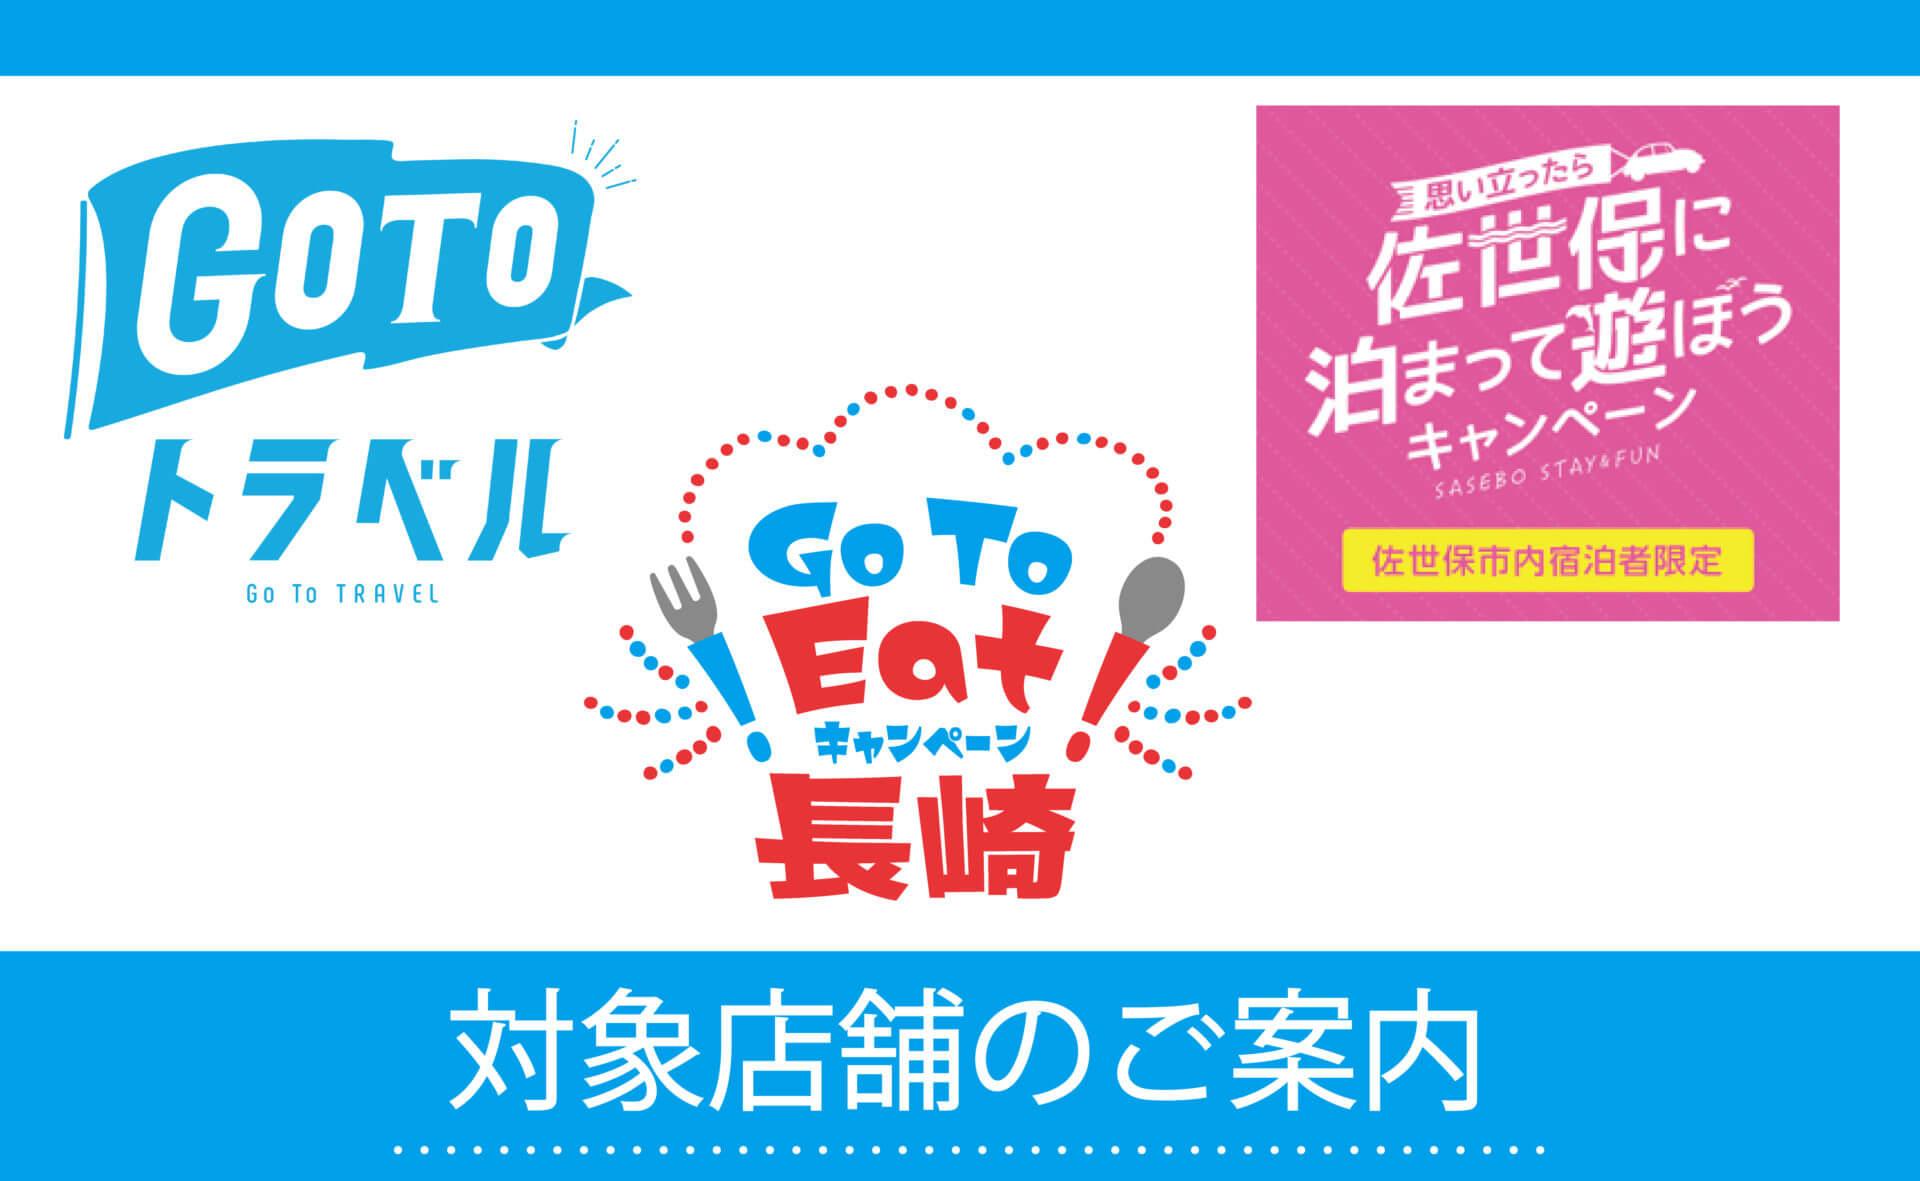 イート 長崎 ゴートゥー 【公式】Go To